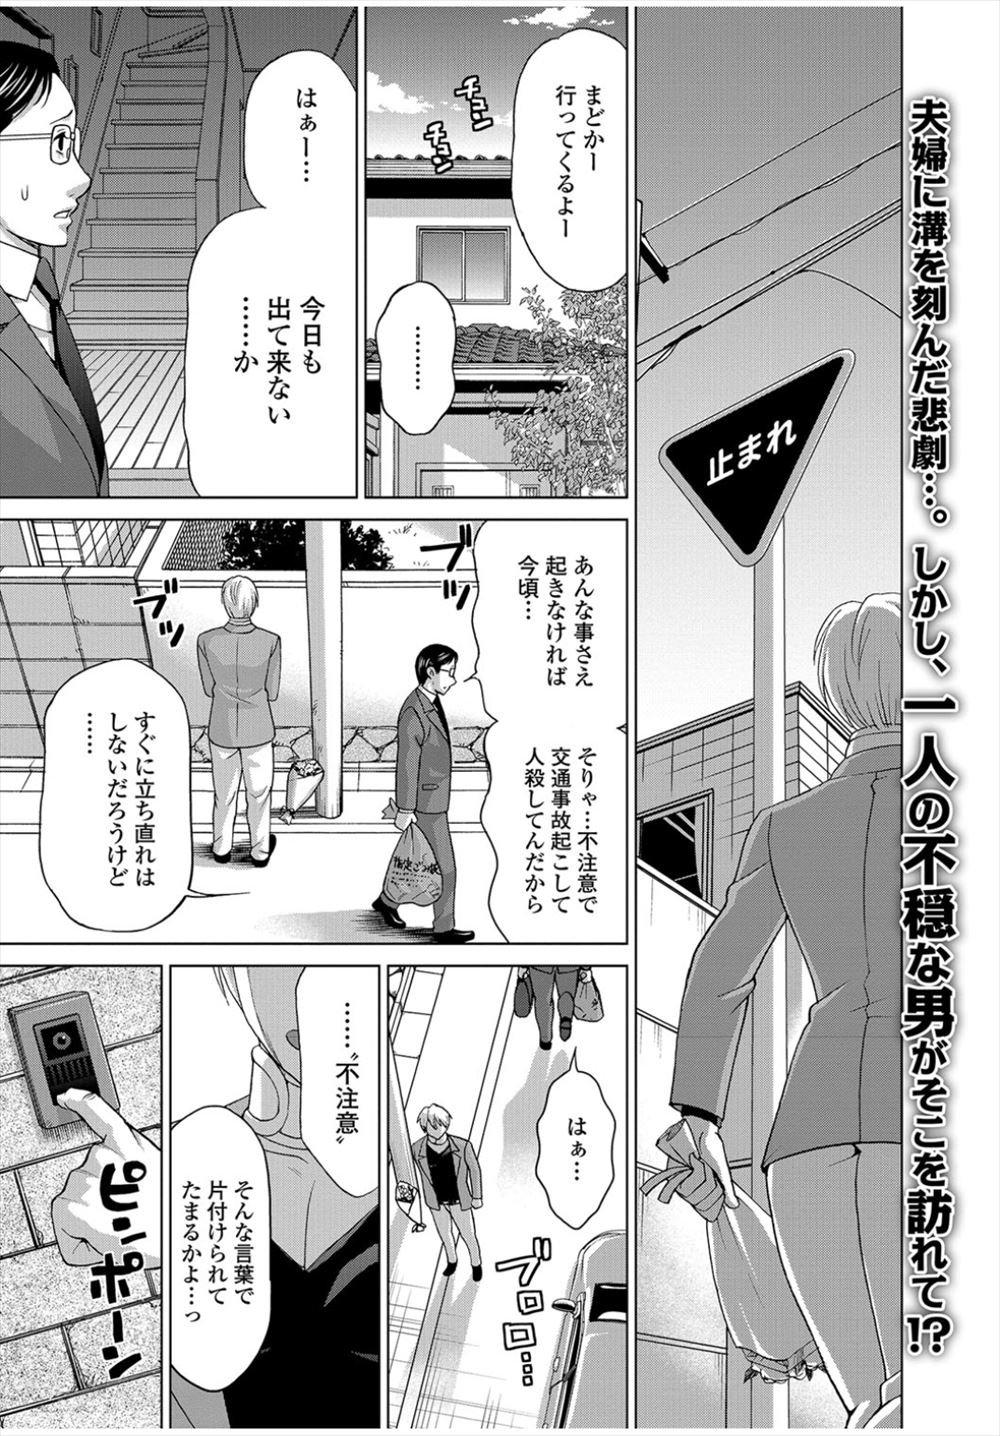 【エロ漫画】自分の妻を交通事故で殺した巨乳人妻に調教プレイ【無料 エロ同人誌】 001